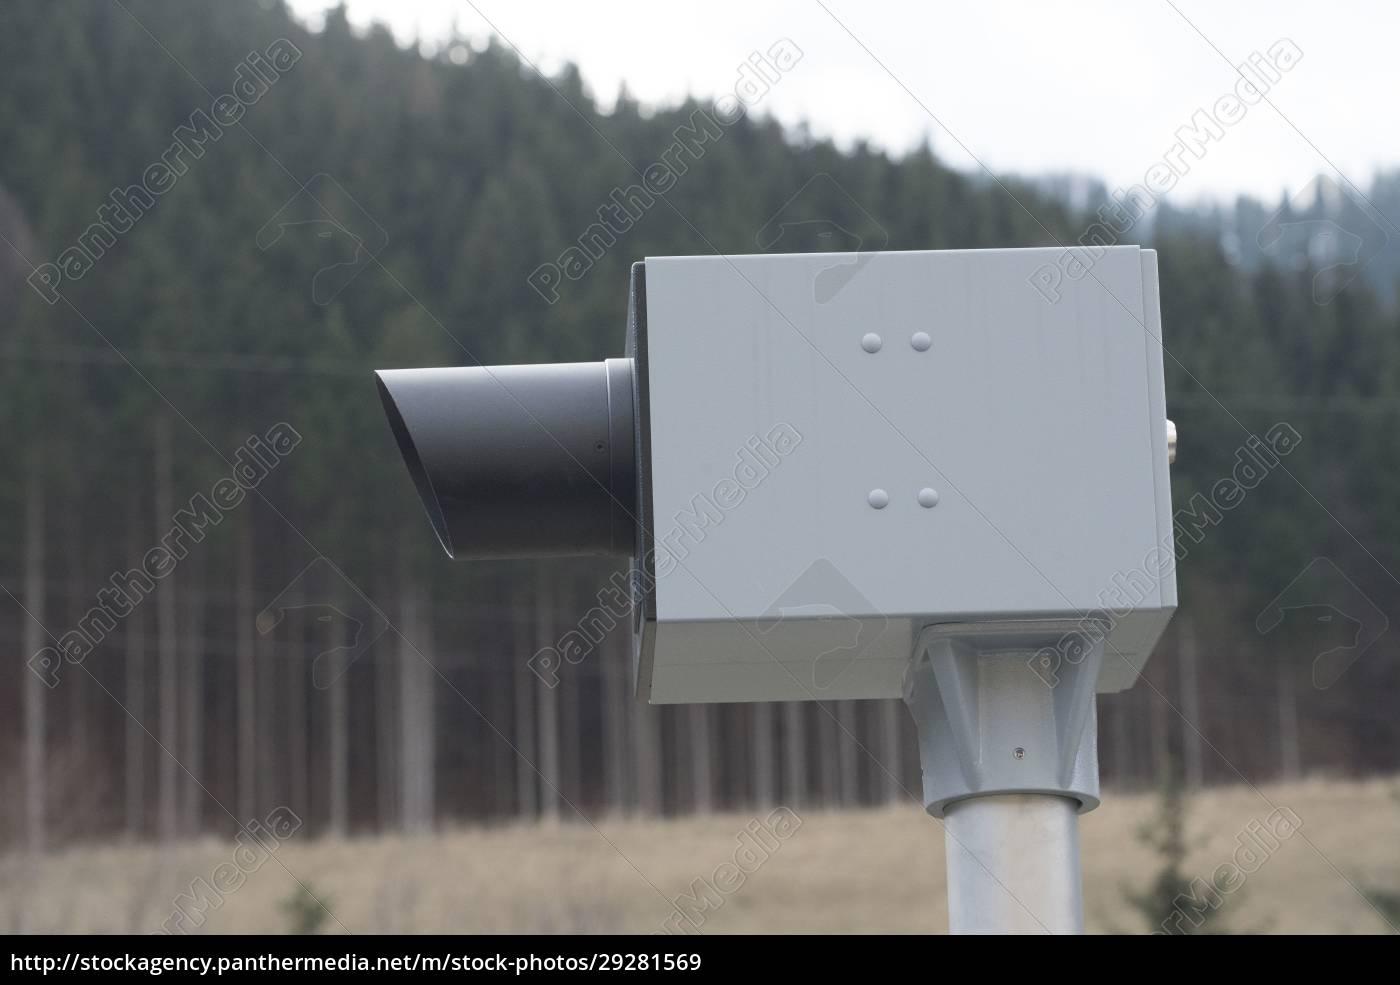 verkehrsradar, zur, geschwindigkeitsmessung - 29281569